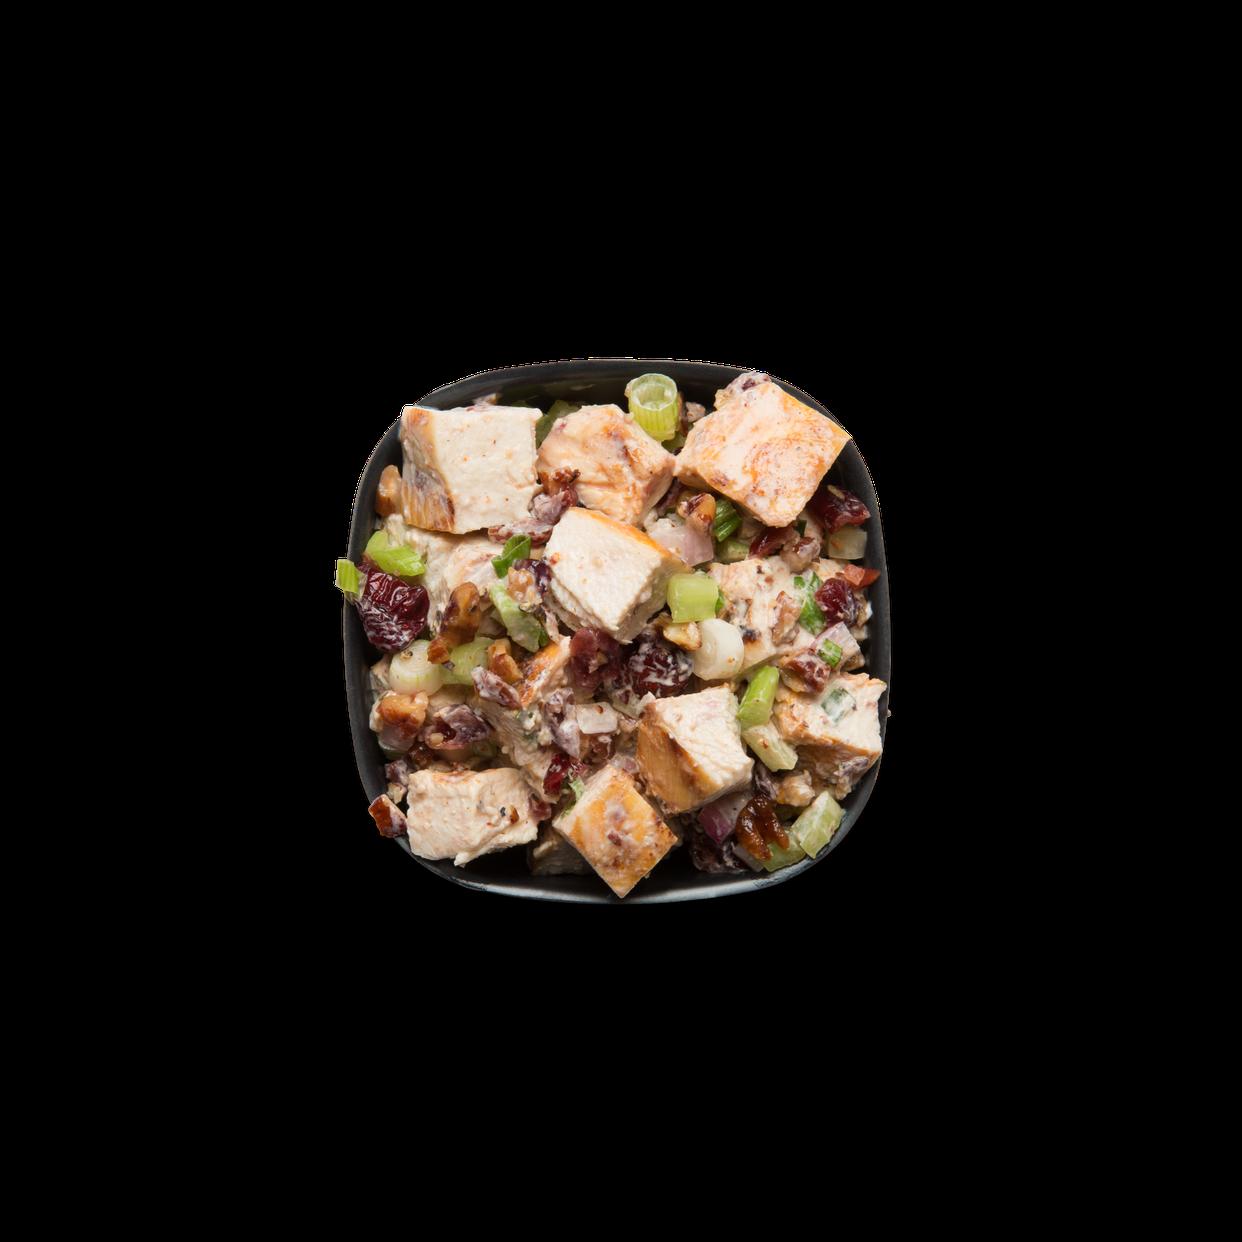 Cranberry Pecan Chicken Salad - Snap Kitchen - Paleo, Whole30, Milk ...